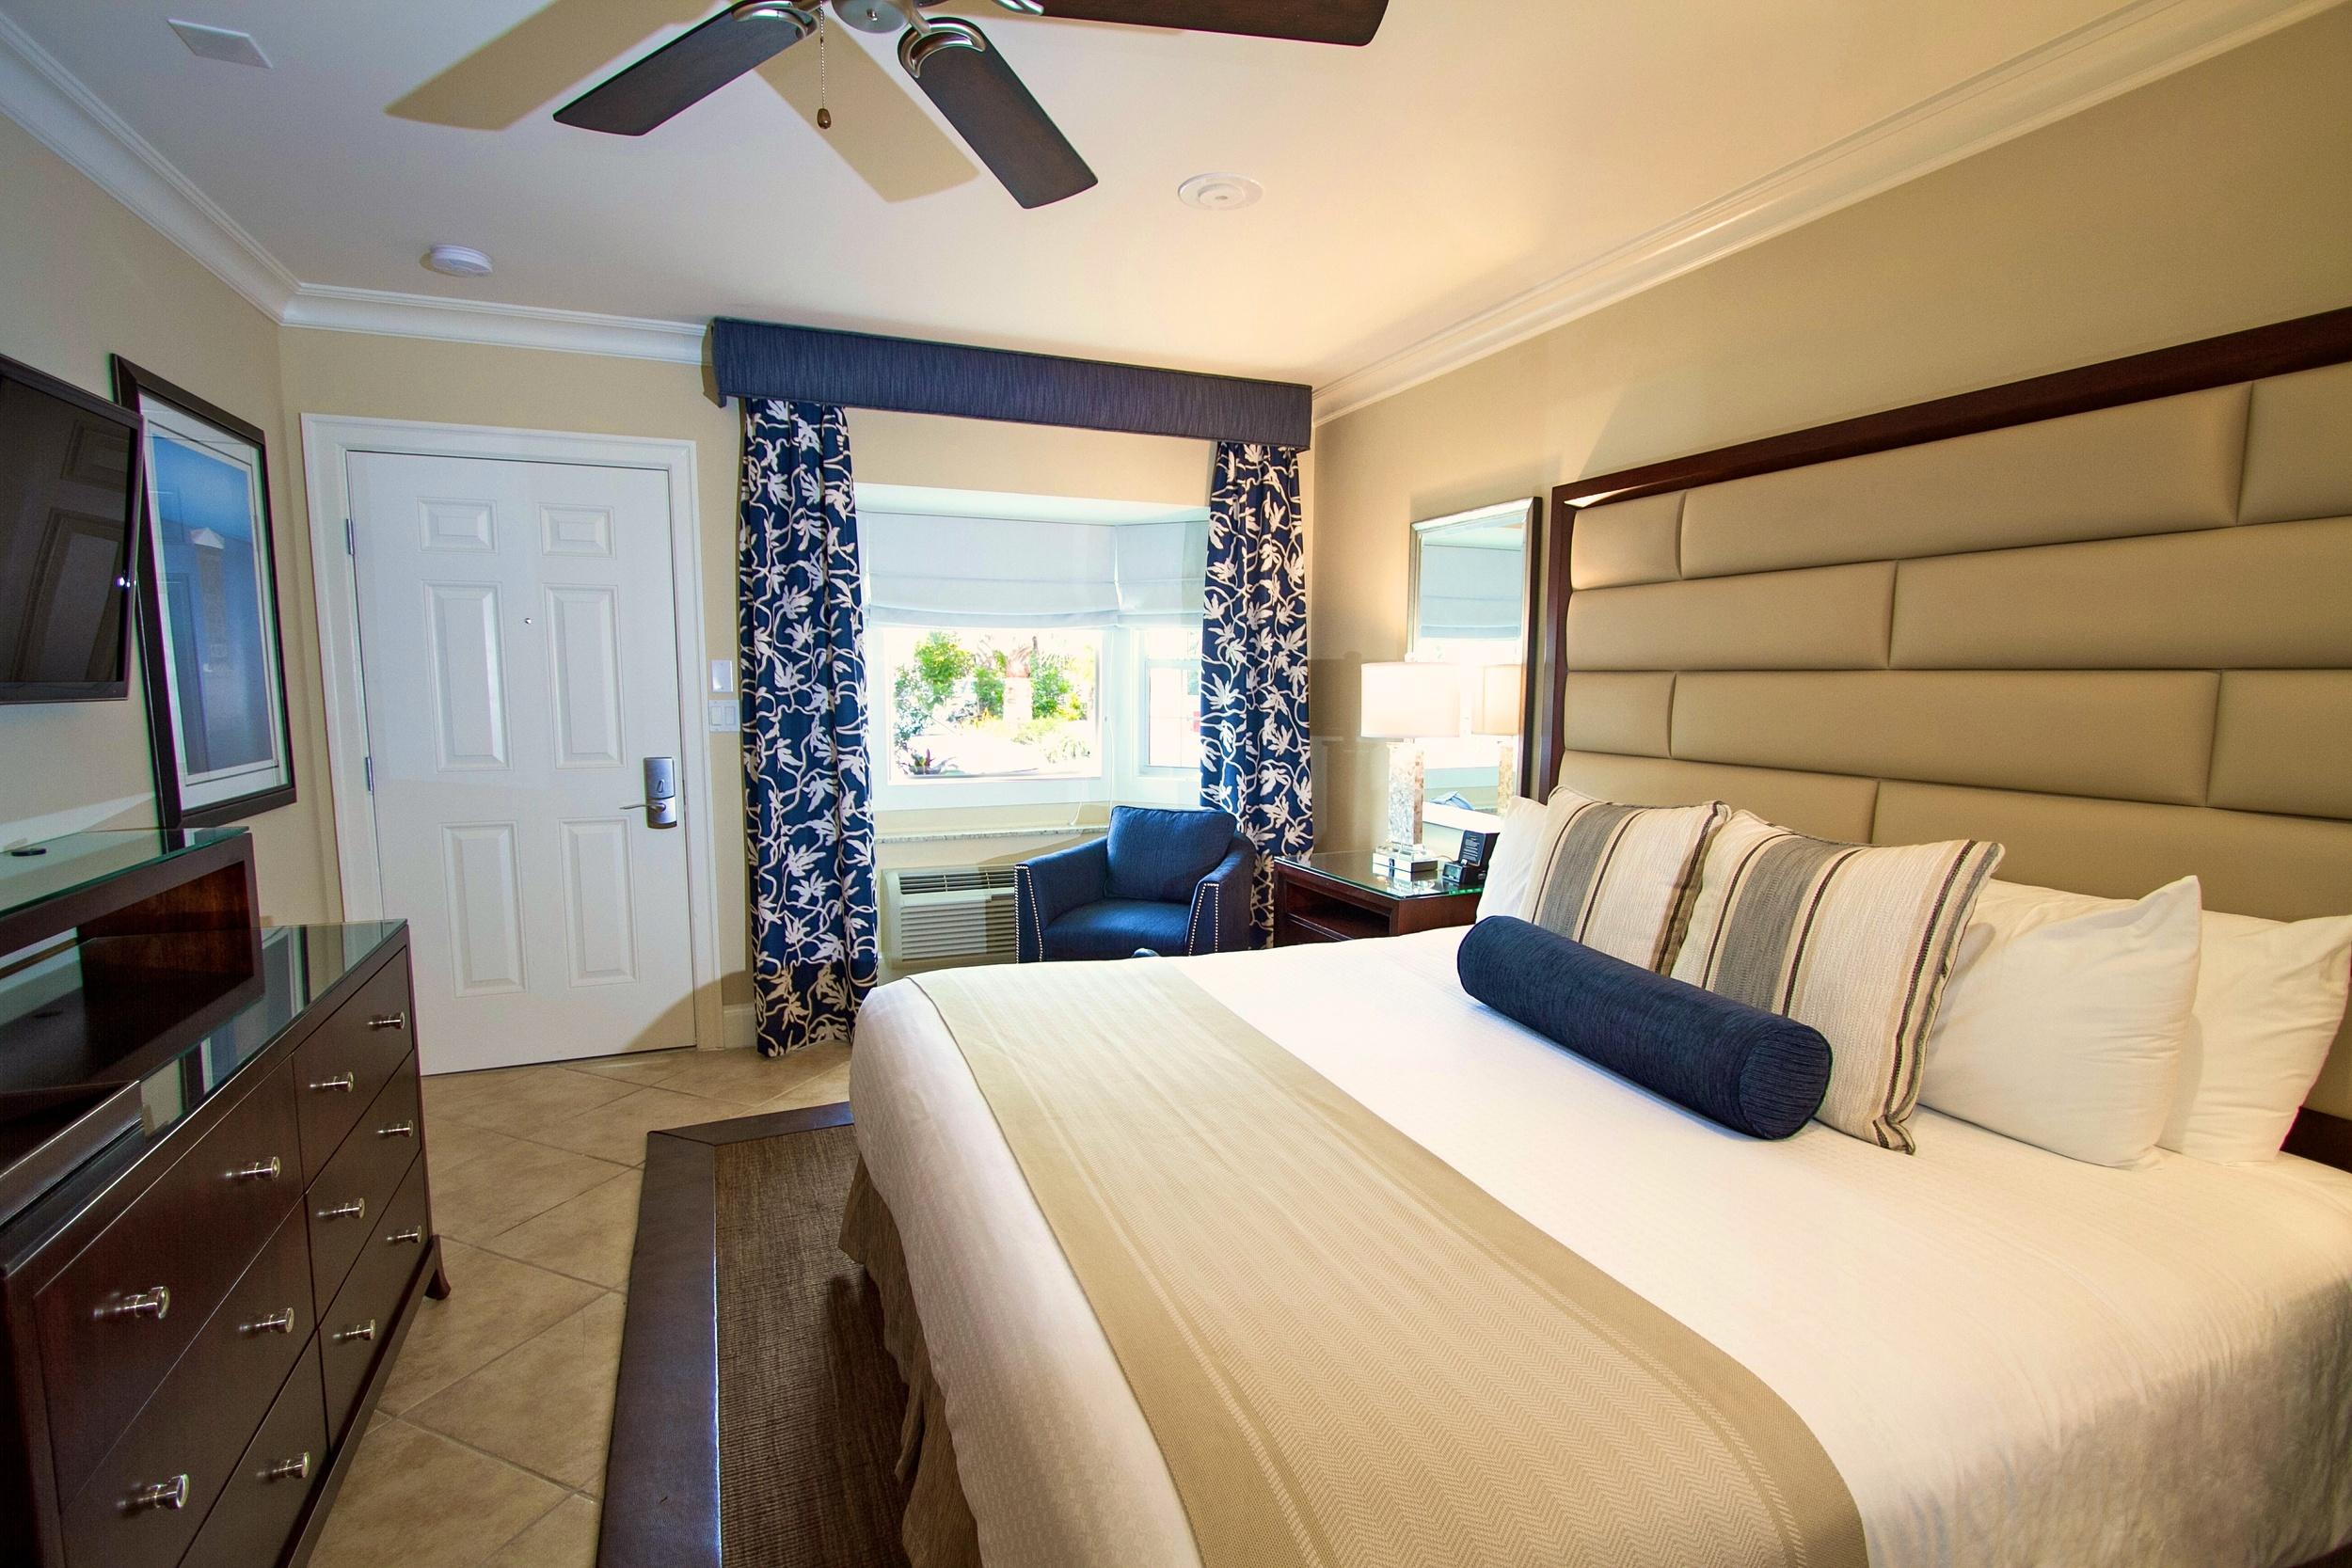 somo Room deluxe king copy.jpg